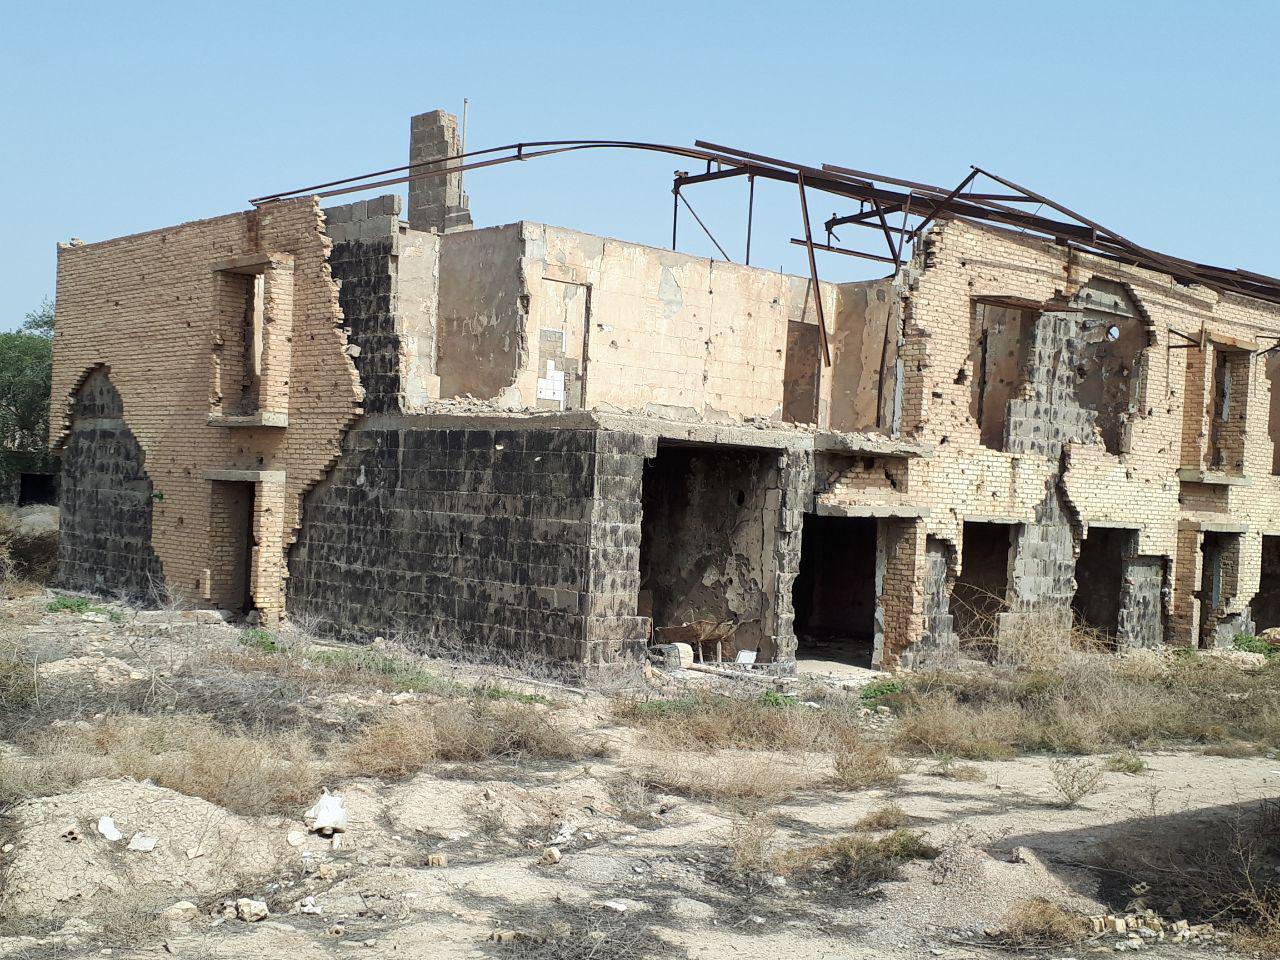 موزه دفاع مقدس آبادان در نقطه صفر مرزی ایران و عراق/ انباری پر از زخمهای جنگ/ سوله ترکش خورده